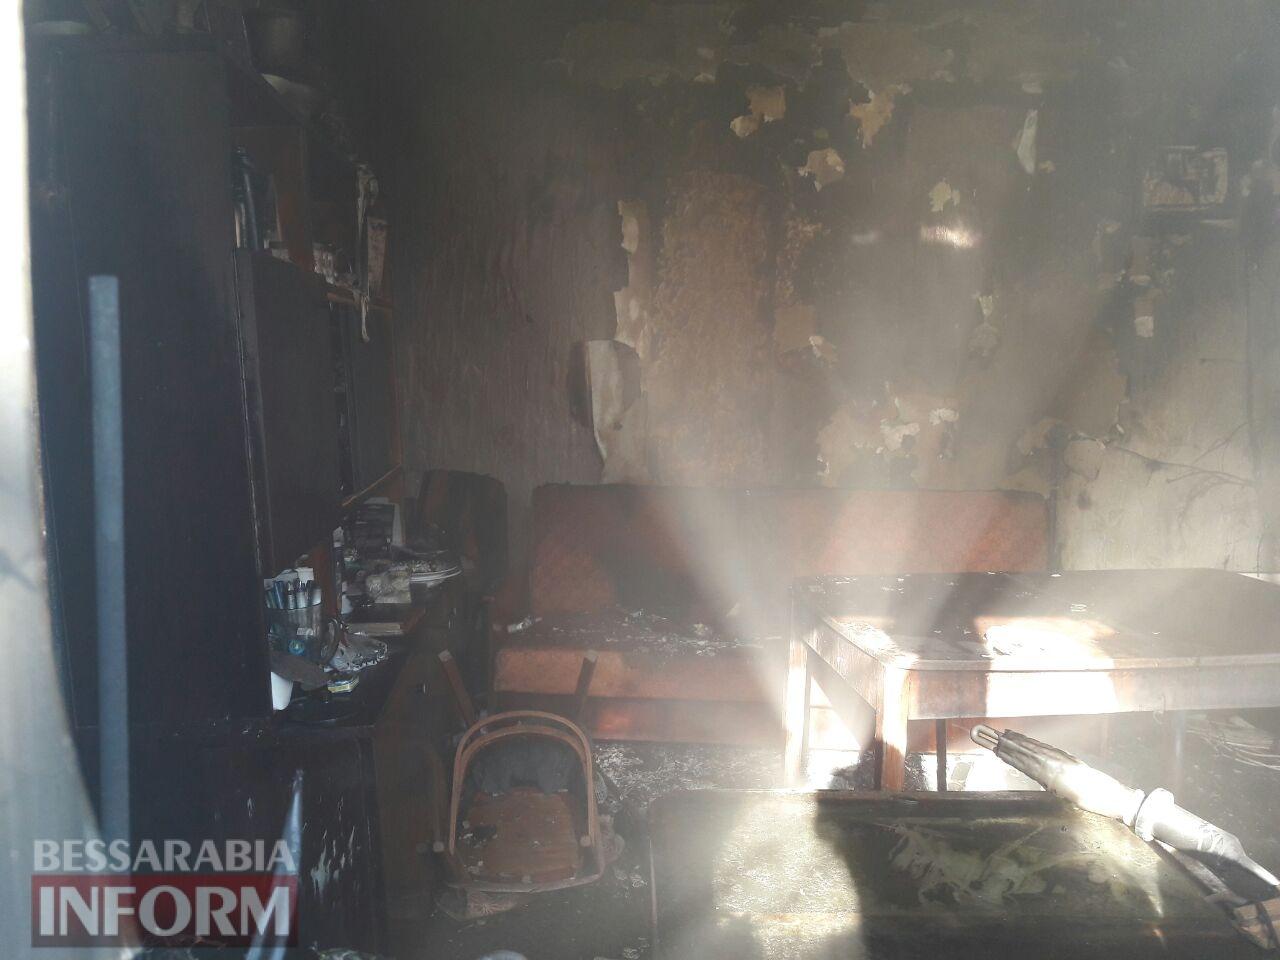 58d8c0778f747_454643 Утром в Измаиле произошел пожар в жилом доме